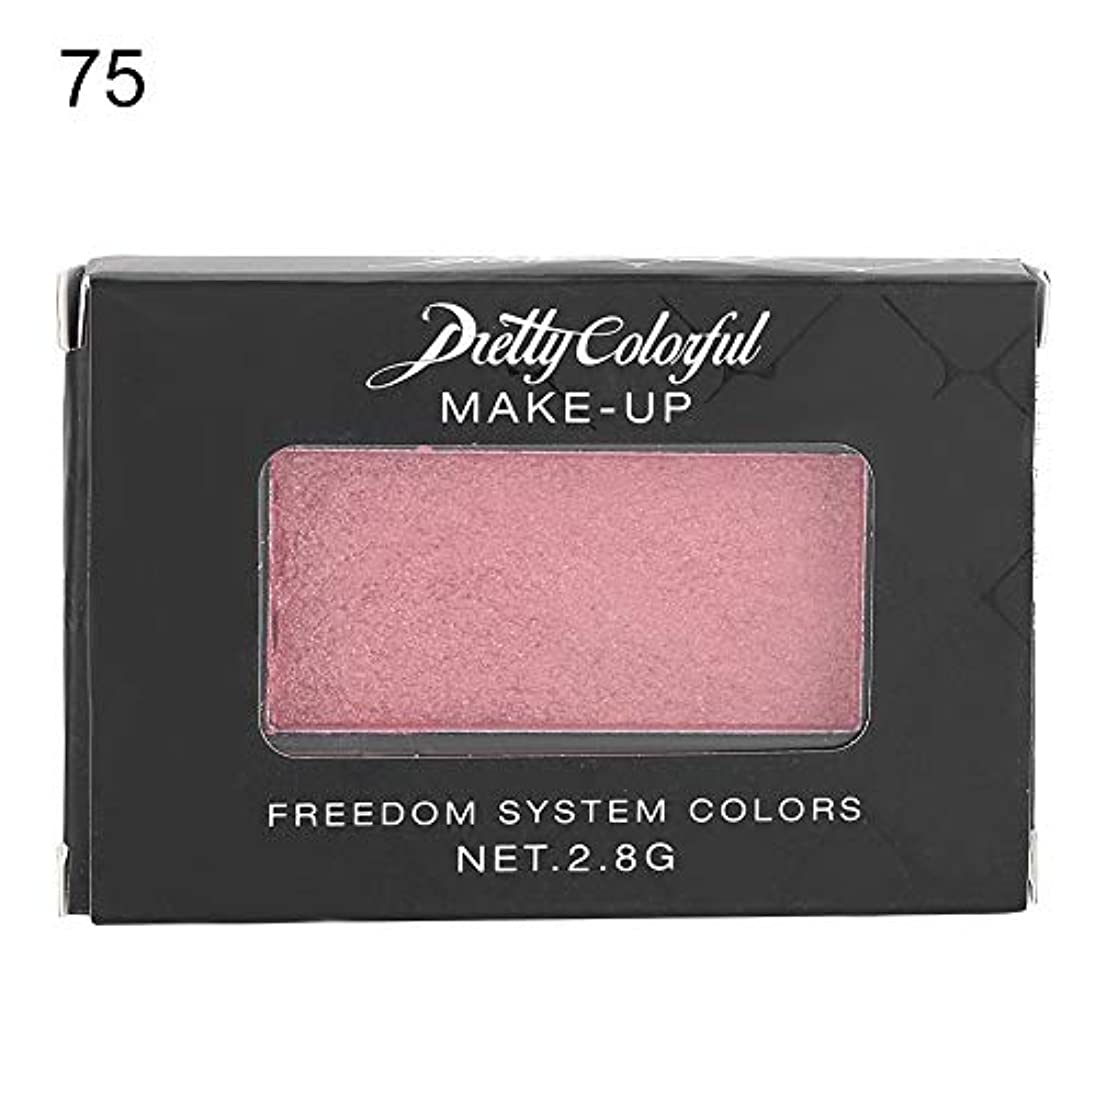 闇嵐の静脈6色アイシャドウマットグリッターポータブル長続きがする滑らかな単色アイシャドウパレット化粧品(75)